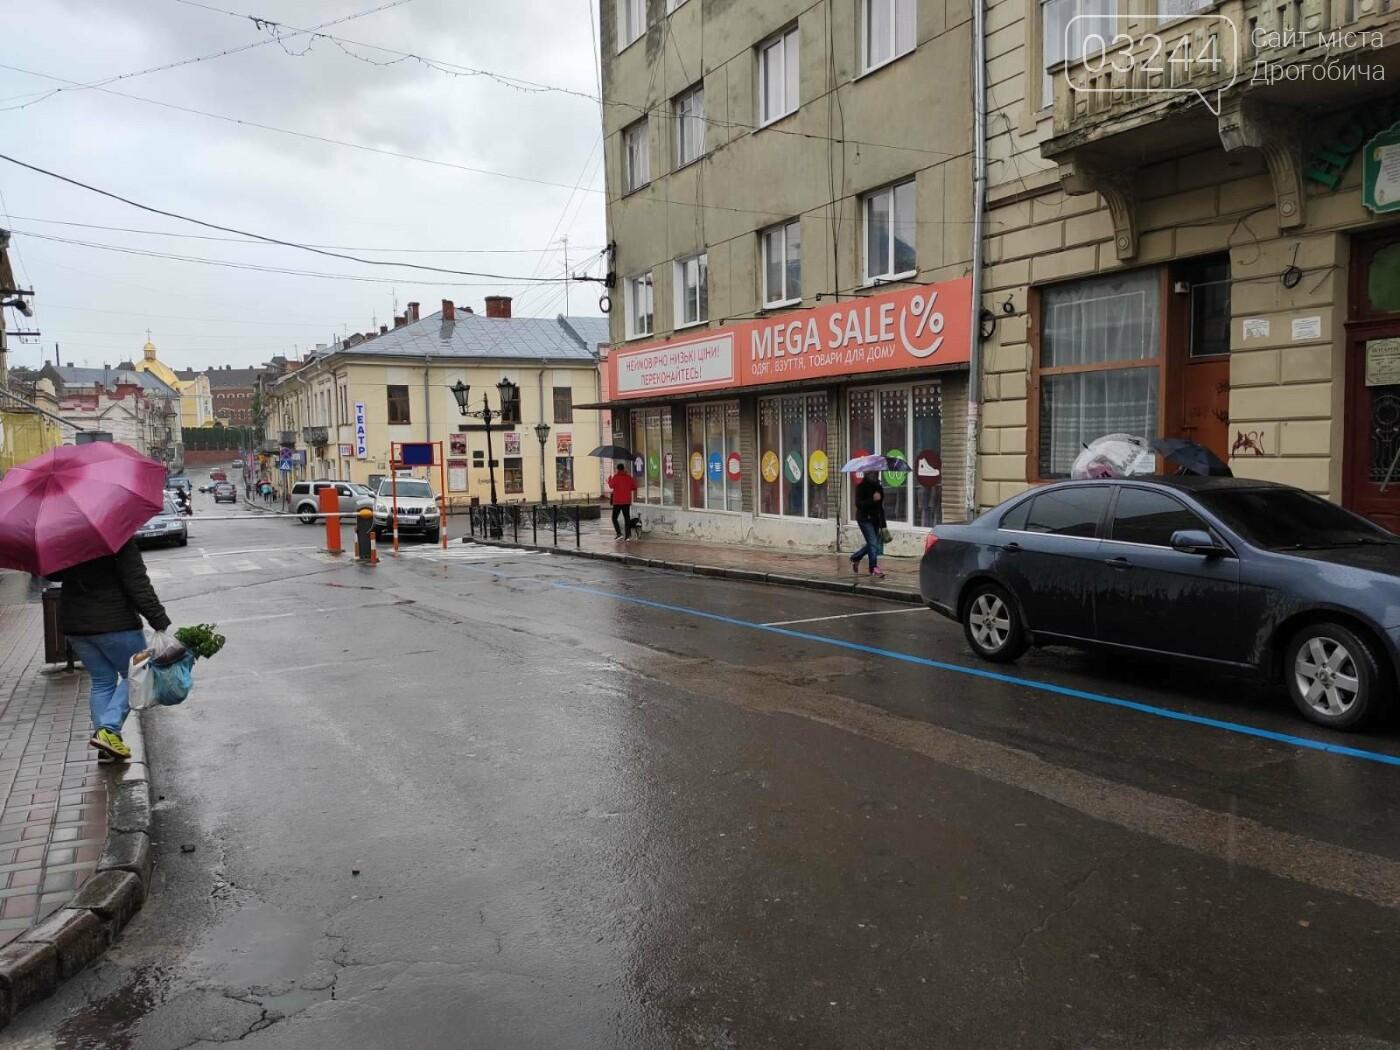 Після запуску платної системи паркування у центрі міста суттєво поменшало машин, - ФОТОРЕПОРТАЖ, фото-1